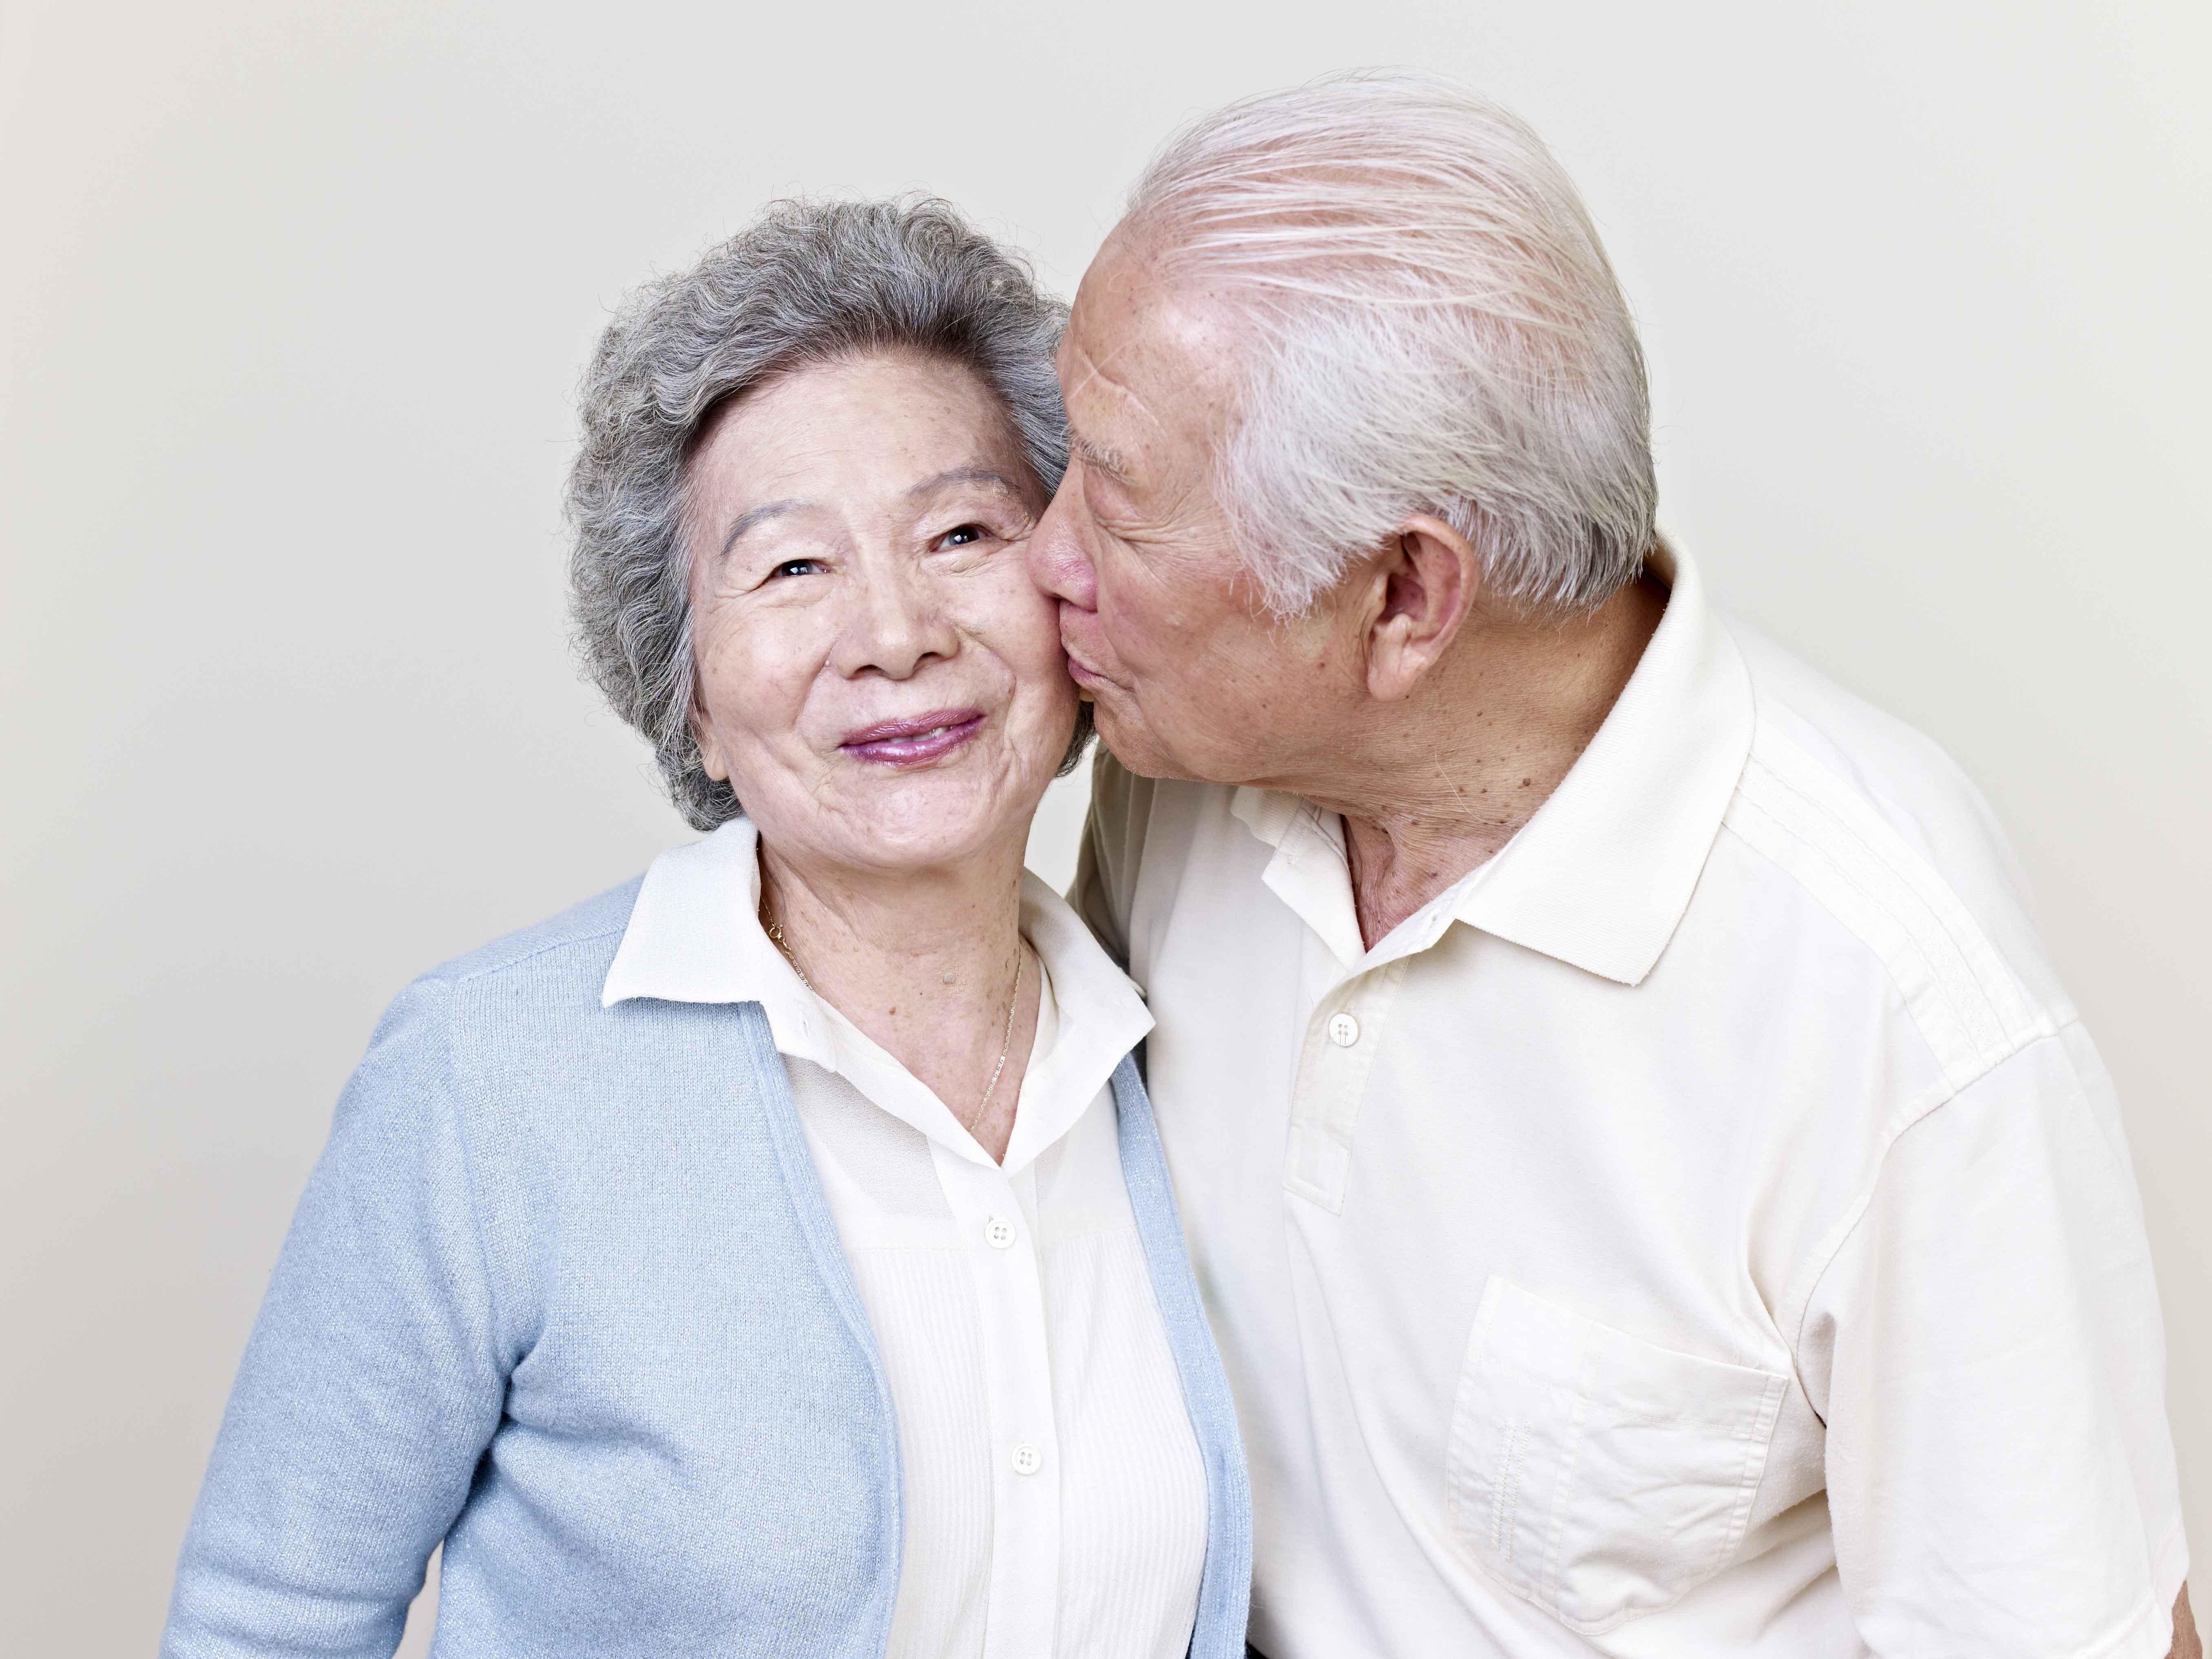 老年人过性生活,多久一次合适?医生:注意4个细节,好处不少!